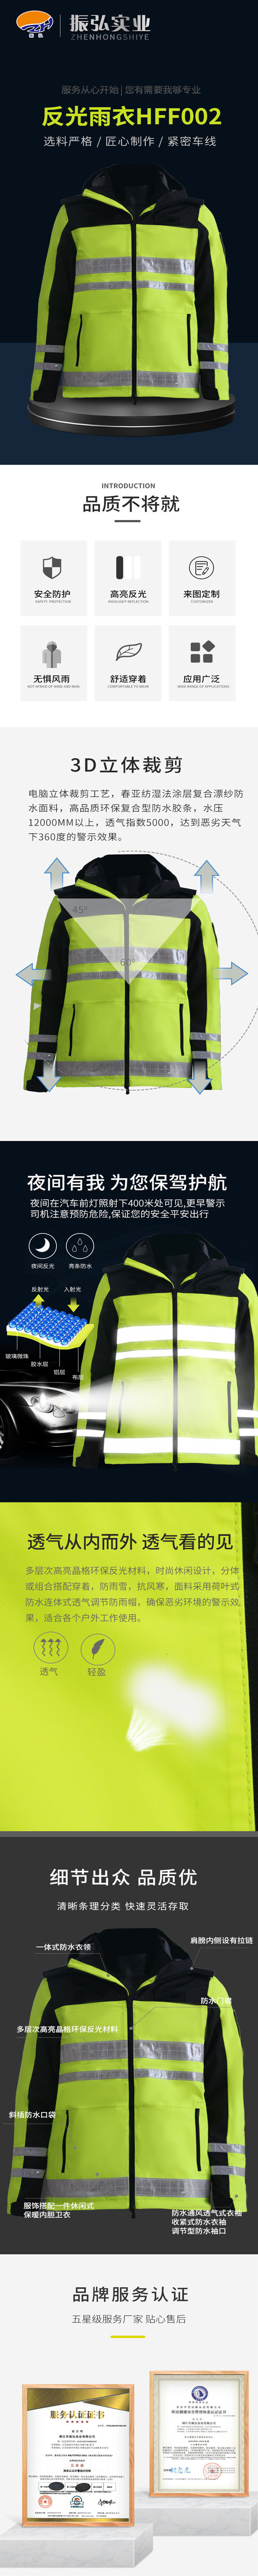 反光雨衣HFF002 详情页